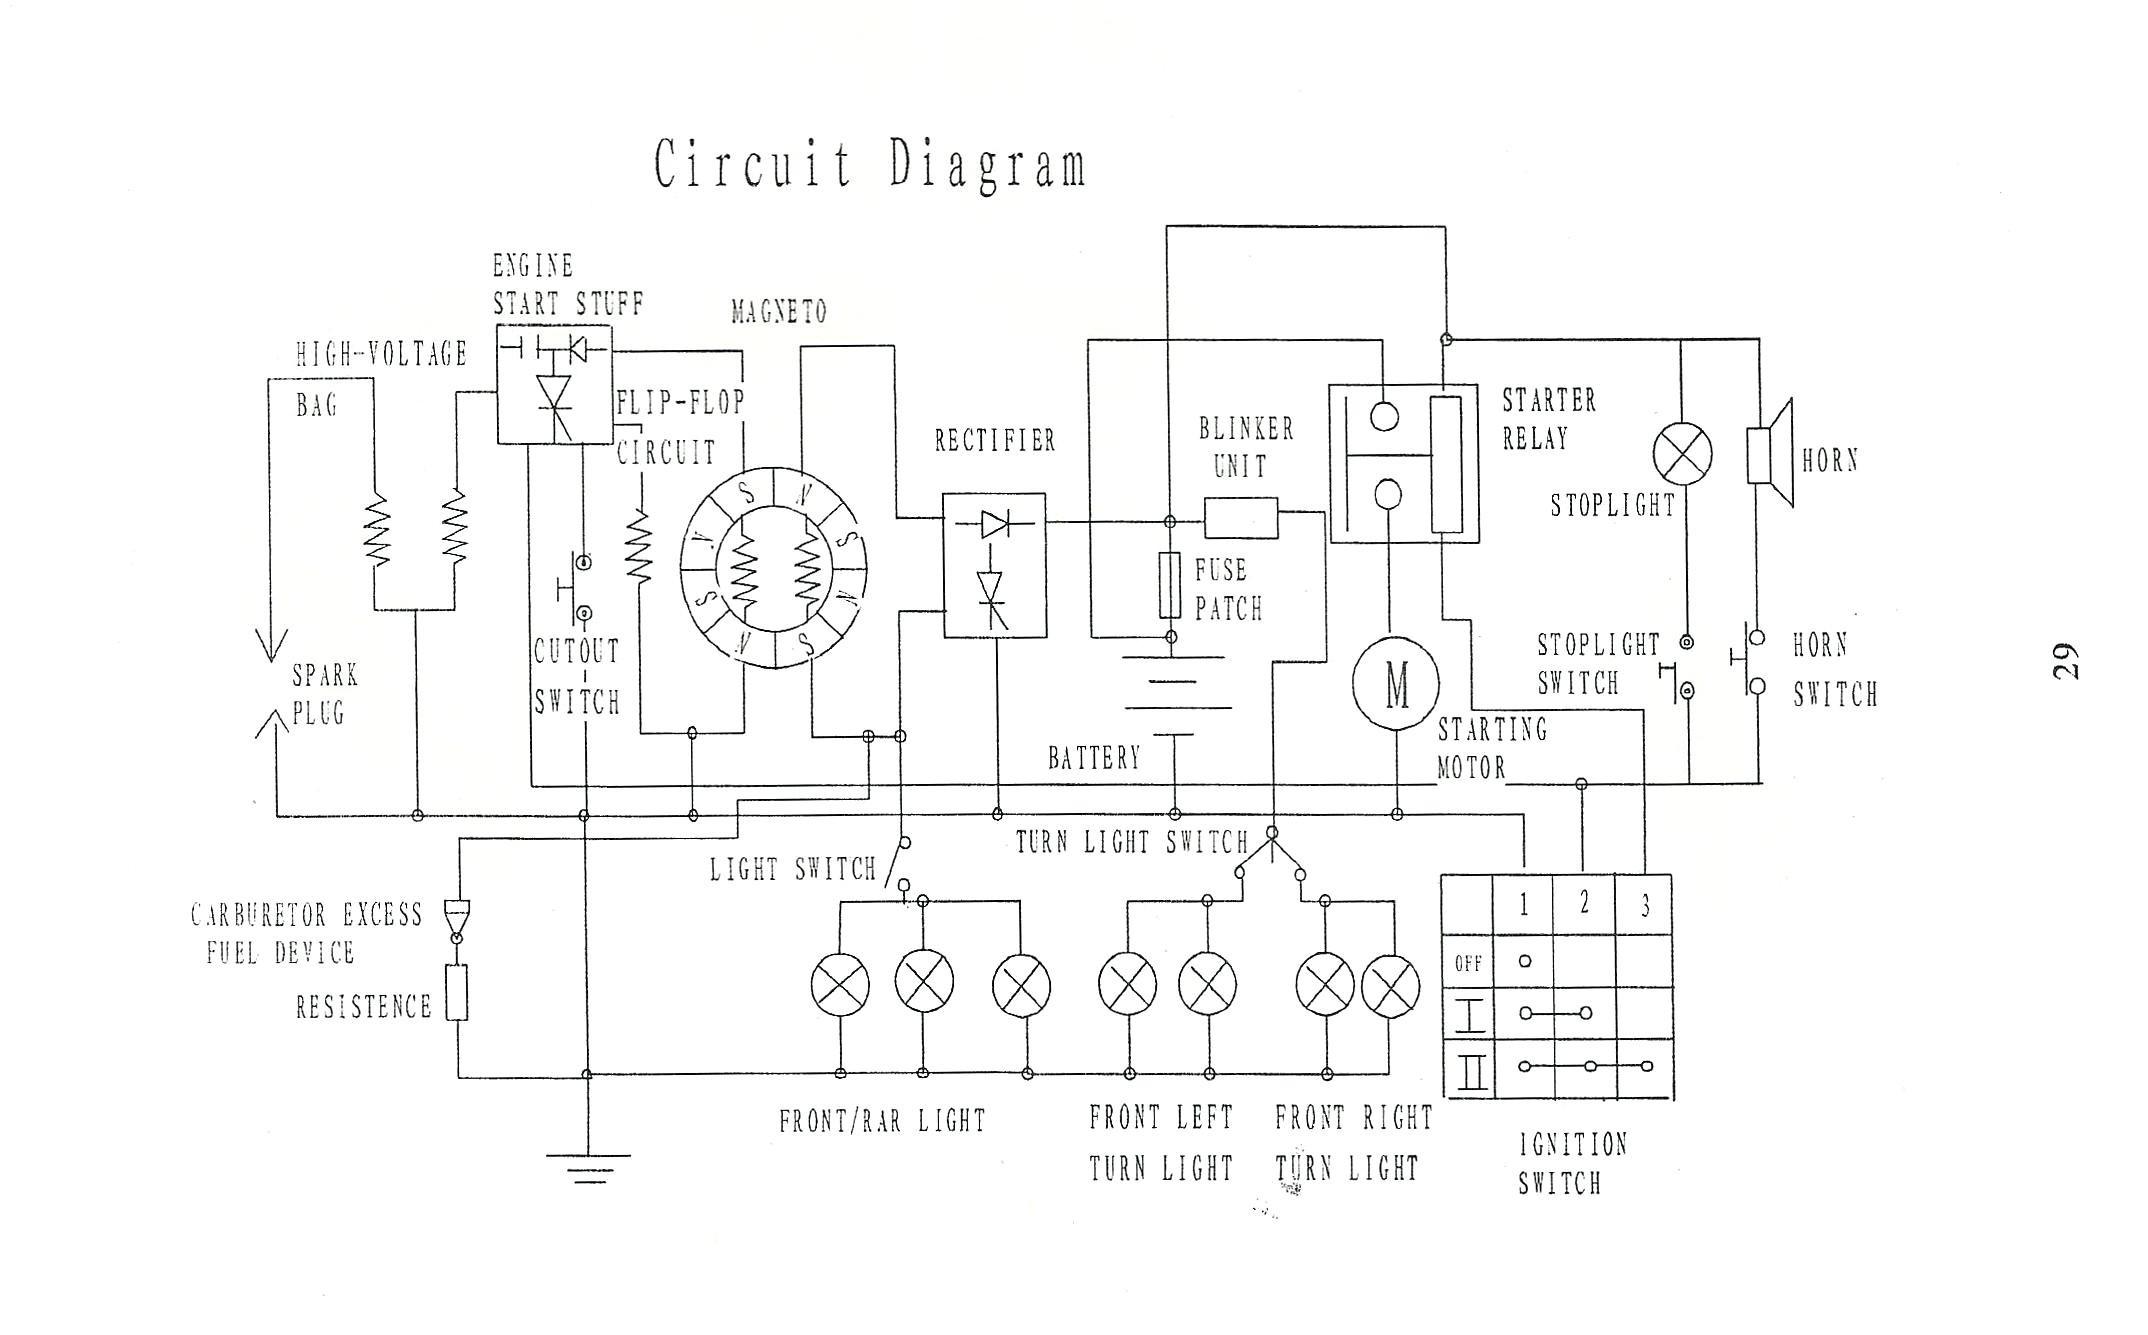 Kandi 150cc Battery Wiring Diagram | Wiring Diagram on